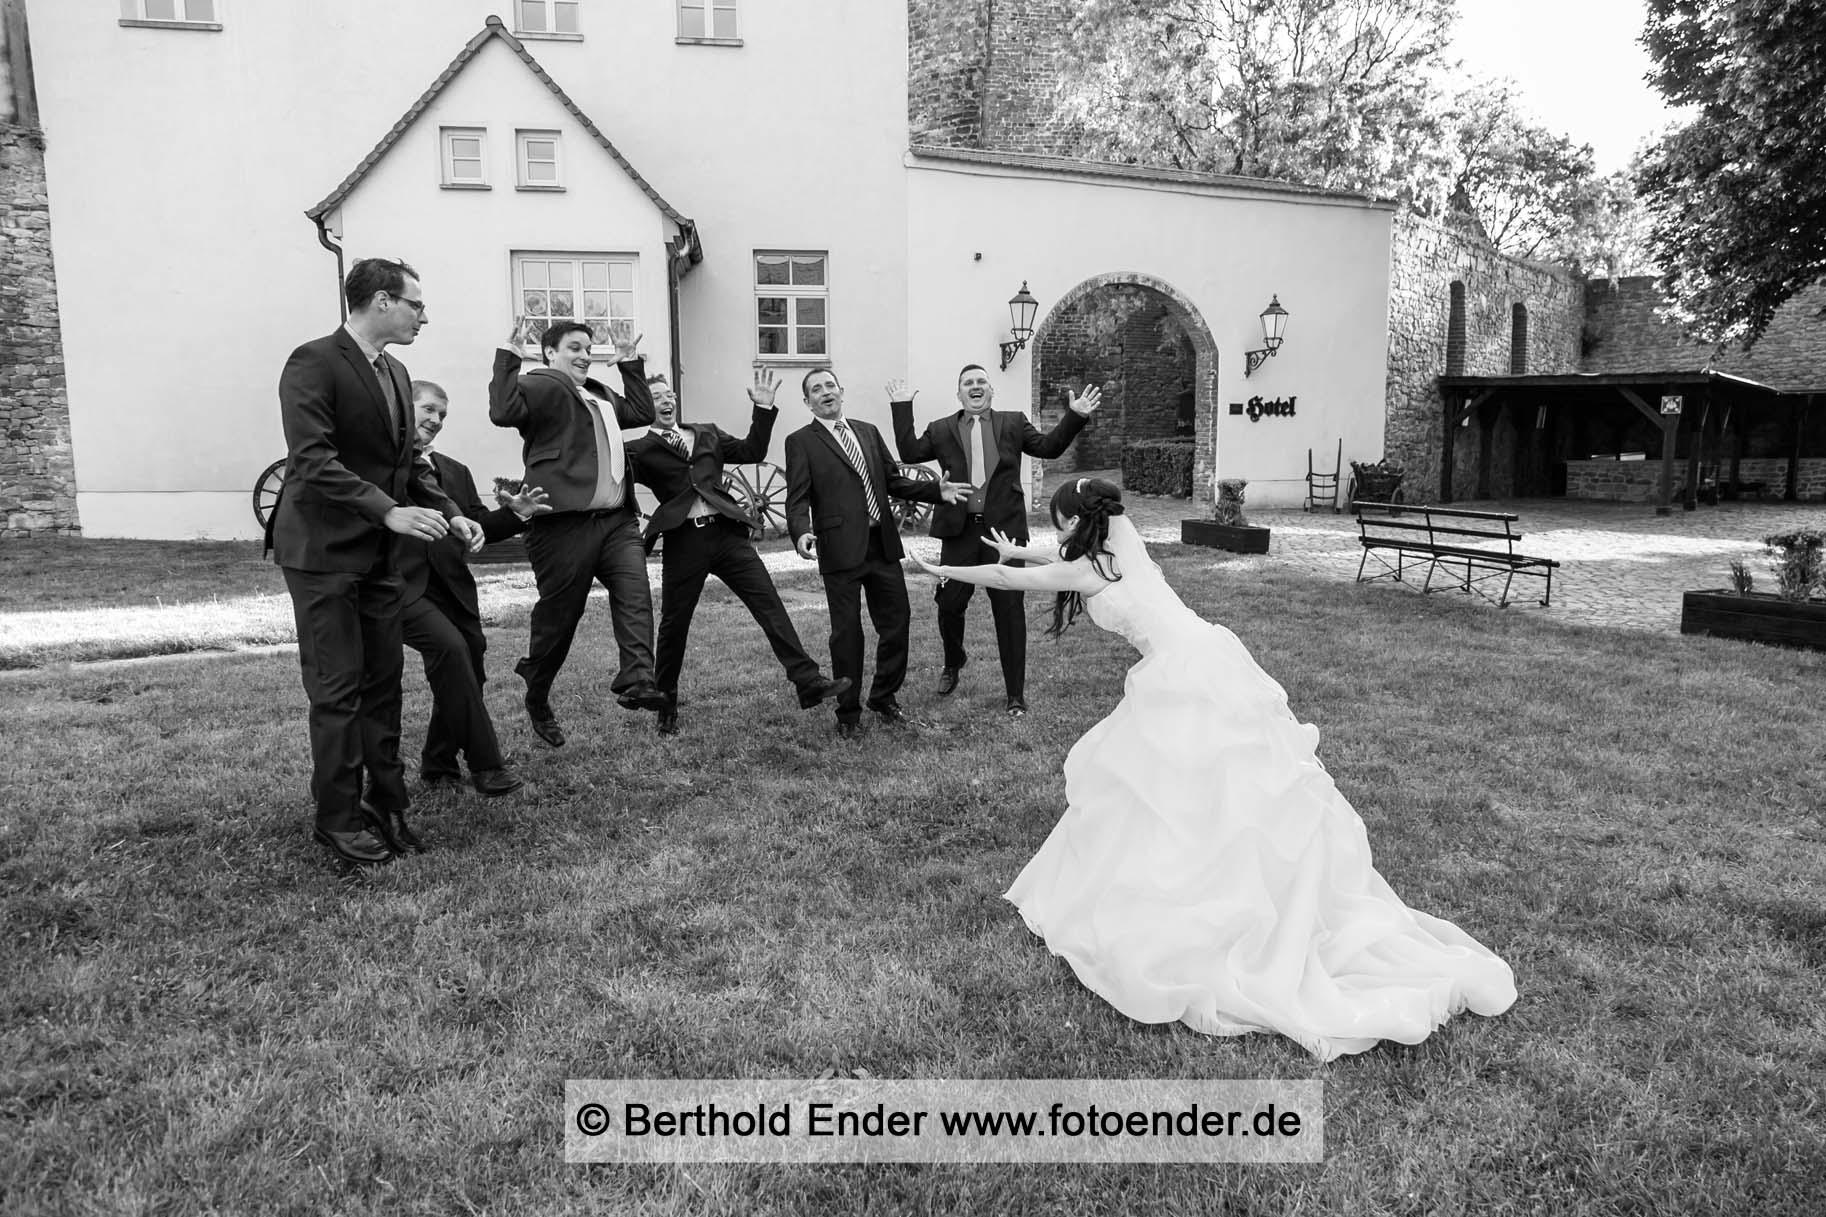 Inspiring Lustige Hochzeitsbilder Decoration Of Hochzeitsbilder: Fotostudio Ender